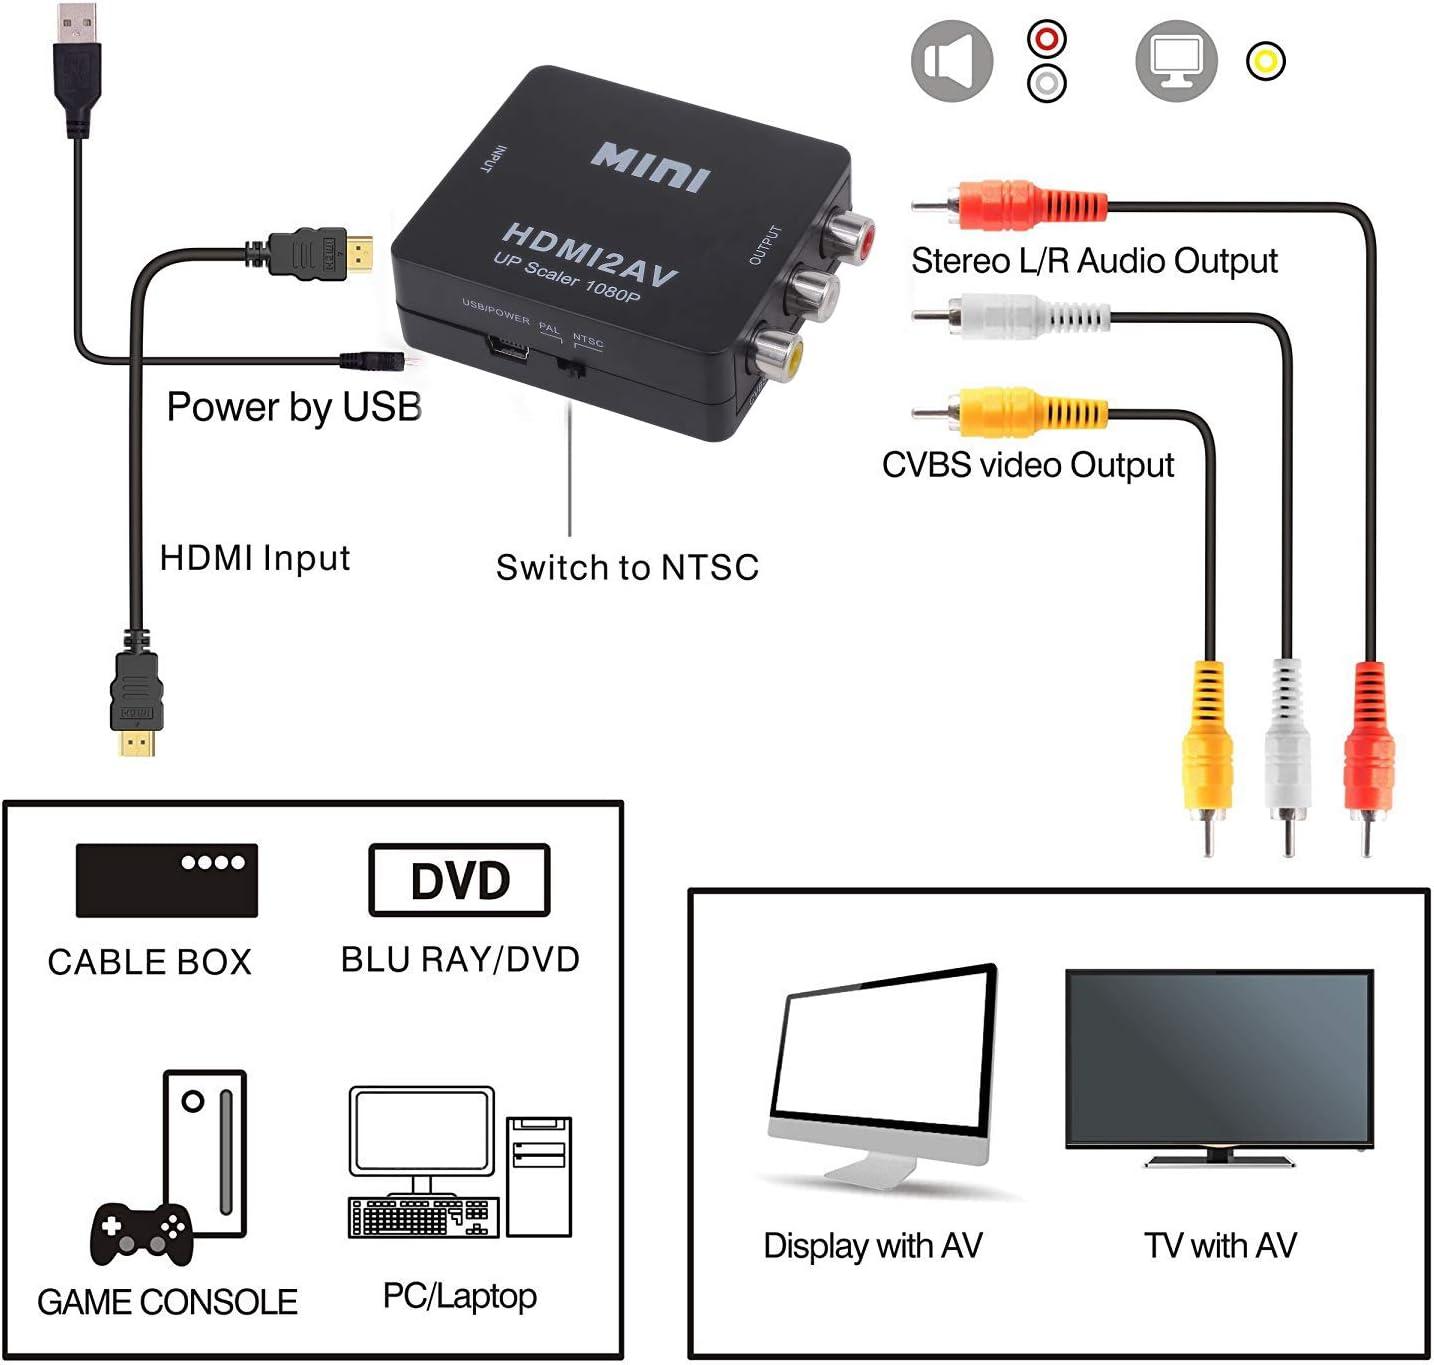 supporto PAL//NTSC con cavo di ricarica USB Convertitore video HDMI a RCA HD Yeebline 1080p mini HDMI a 3RCA AV//CVBS adattatore composito per PC//PS3//VCR//DVD